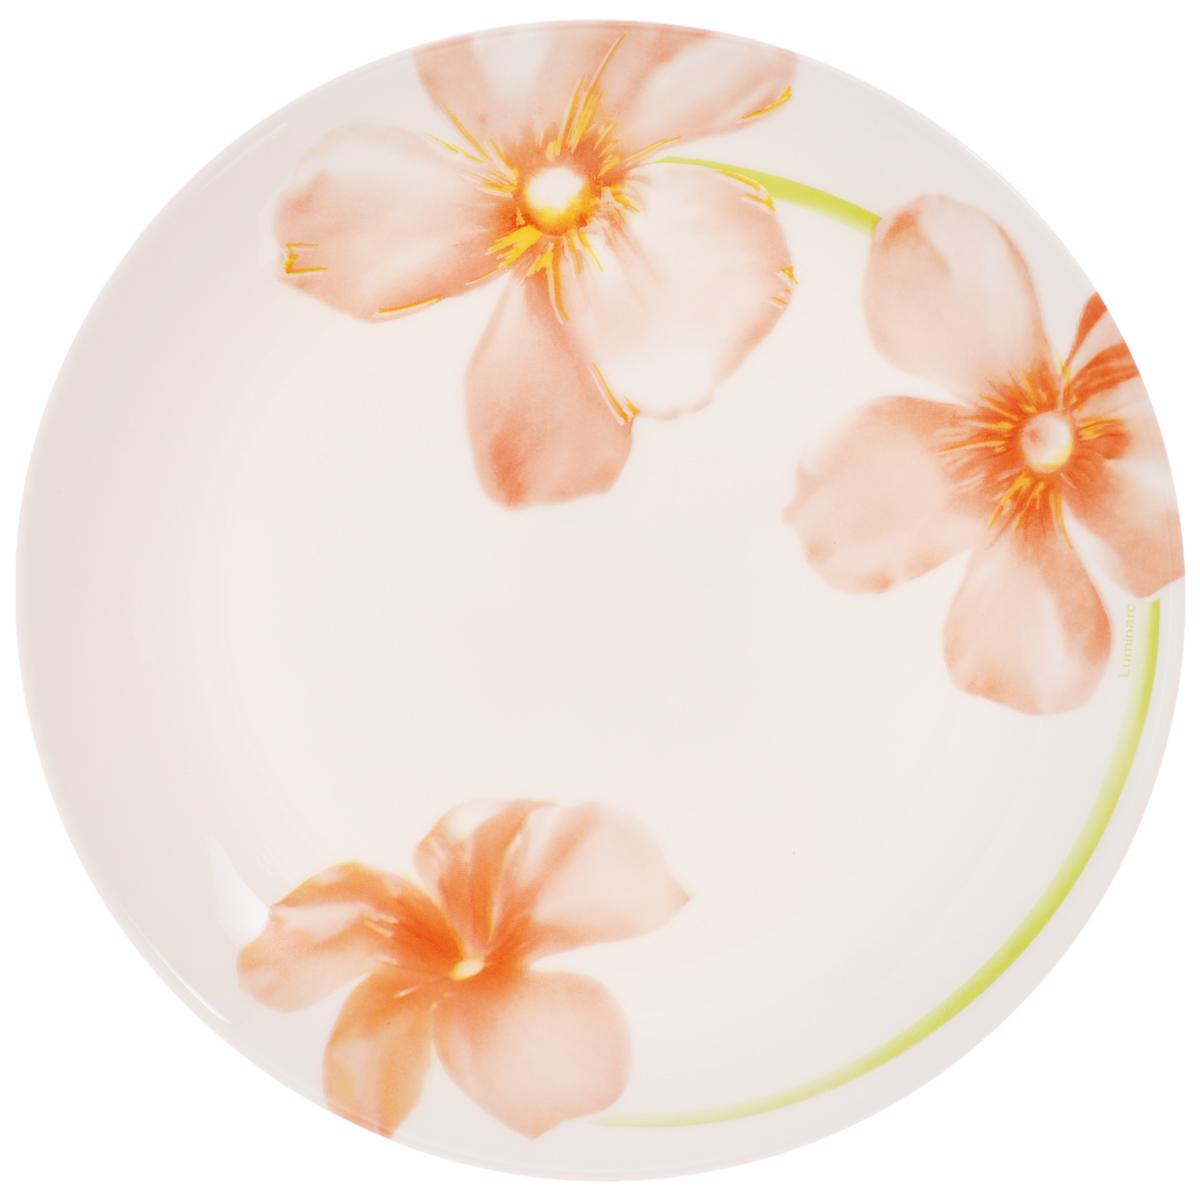 Тарелка десертная Luminarc Sweet Impression, диаметр 19 см115510Десертная тарелка Luminarc Sweet Impression, изготовленная из ударопрочного стекла, имеет изысканный внешний вид. Такая тарелка прекрасно подходит как для торжественных случаев, так и для повседневного использования. Идеальна для подачи десертов, пирожных, тортов и многого другого. Она прекрасно оформит стол и станет отличным дополнением к вашей коллекции кухонной посуды. Диаметр тарелки (по верхнему краю): 19 см.